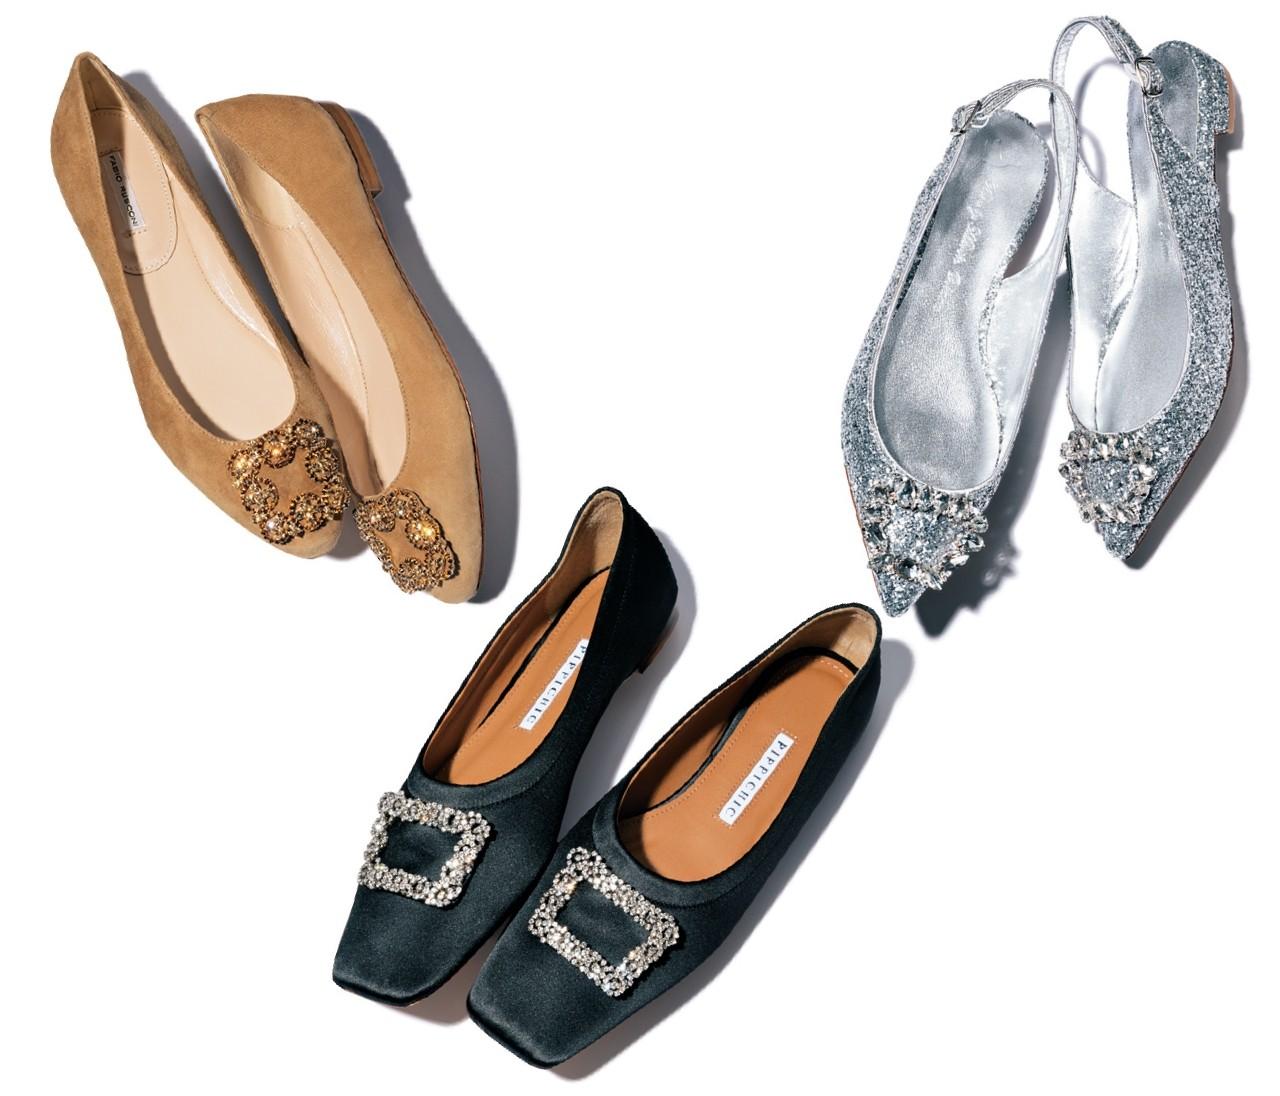 【働く女子の春フラット靴】存在感ある「ビジューつき」で気分を上げて♡